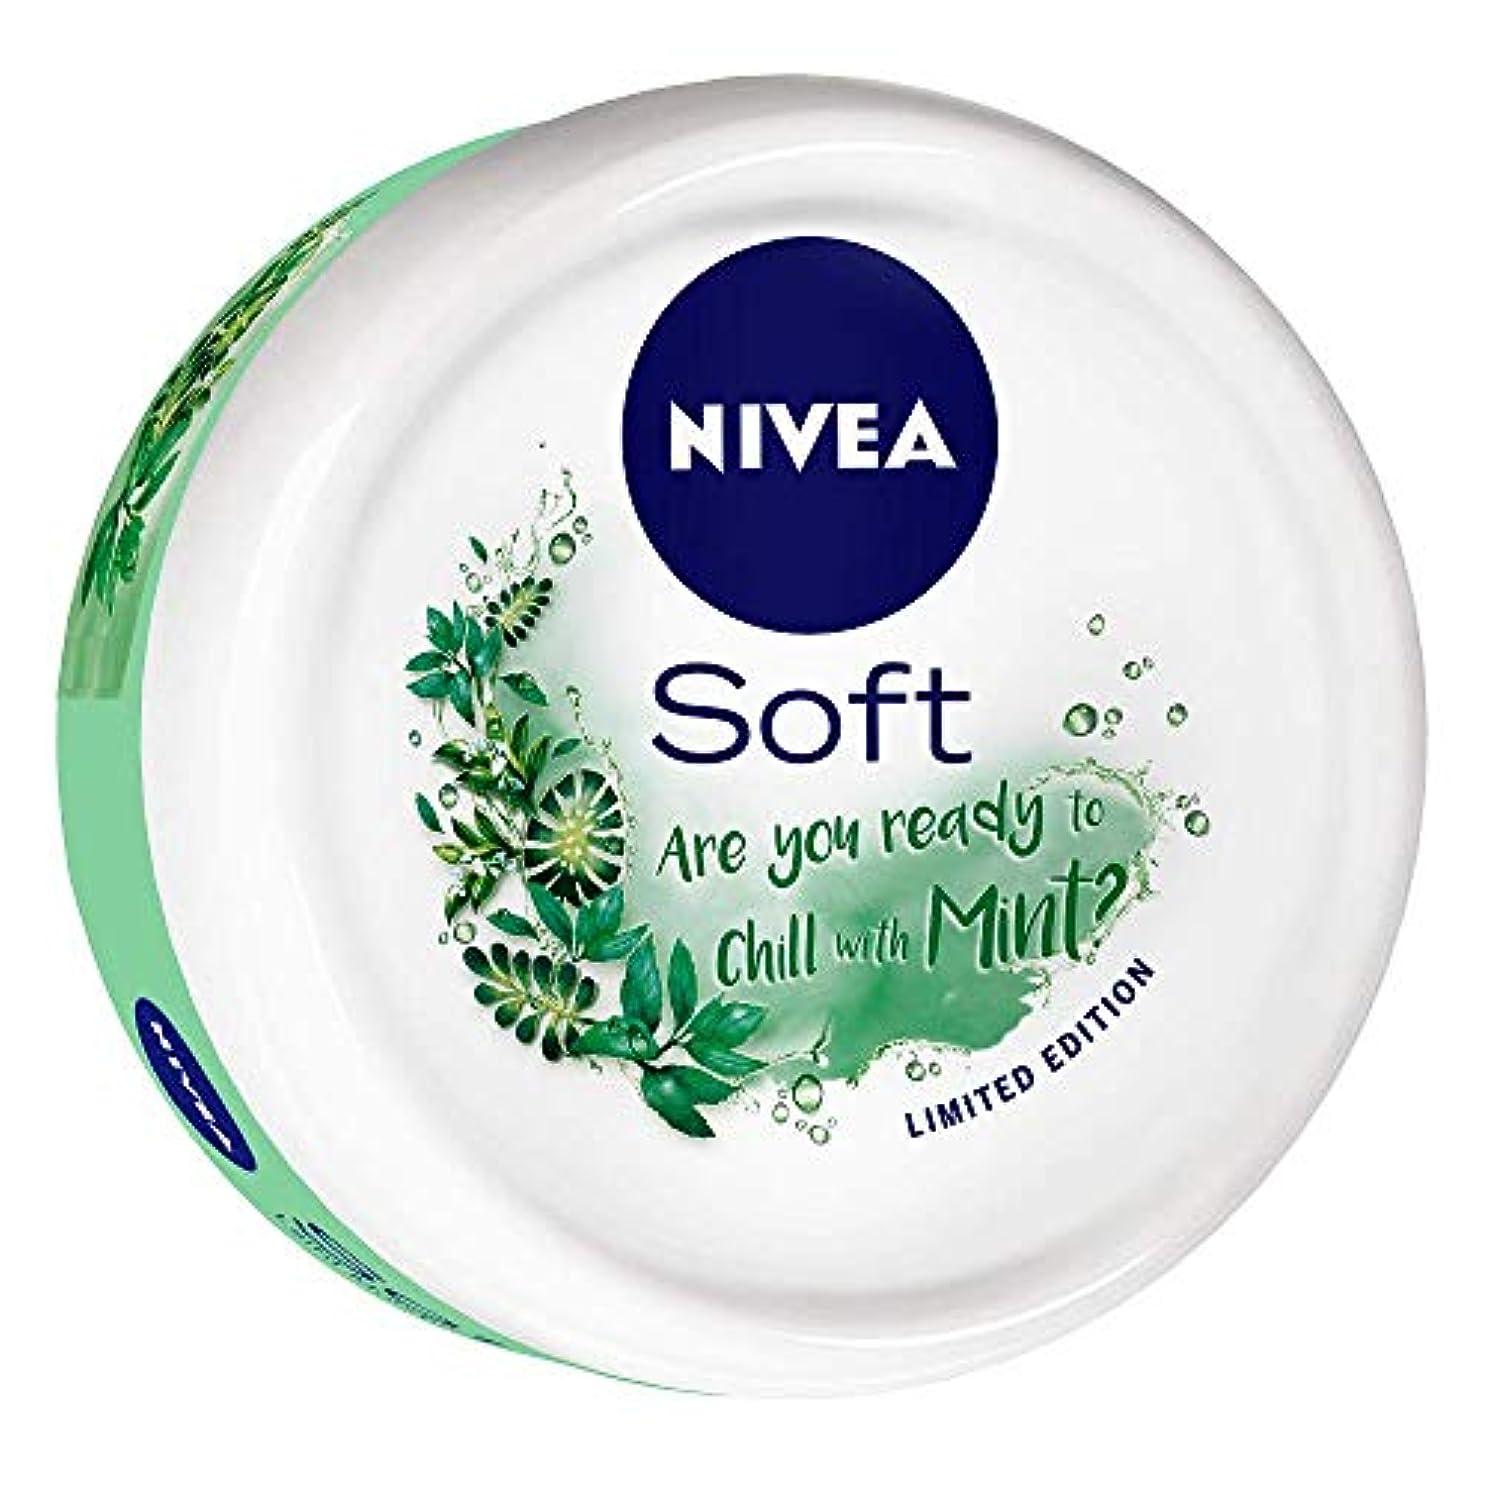 タップ電気技師シングルNIVEA Soft Light Moisturizer Chilled Mint With Vitamin E & Jojoba Oil, 50 ml